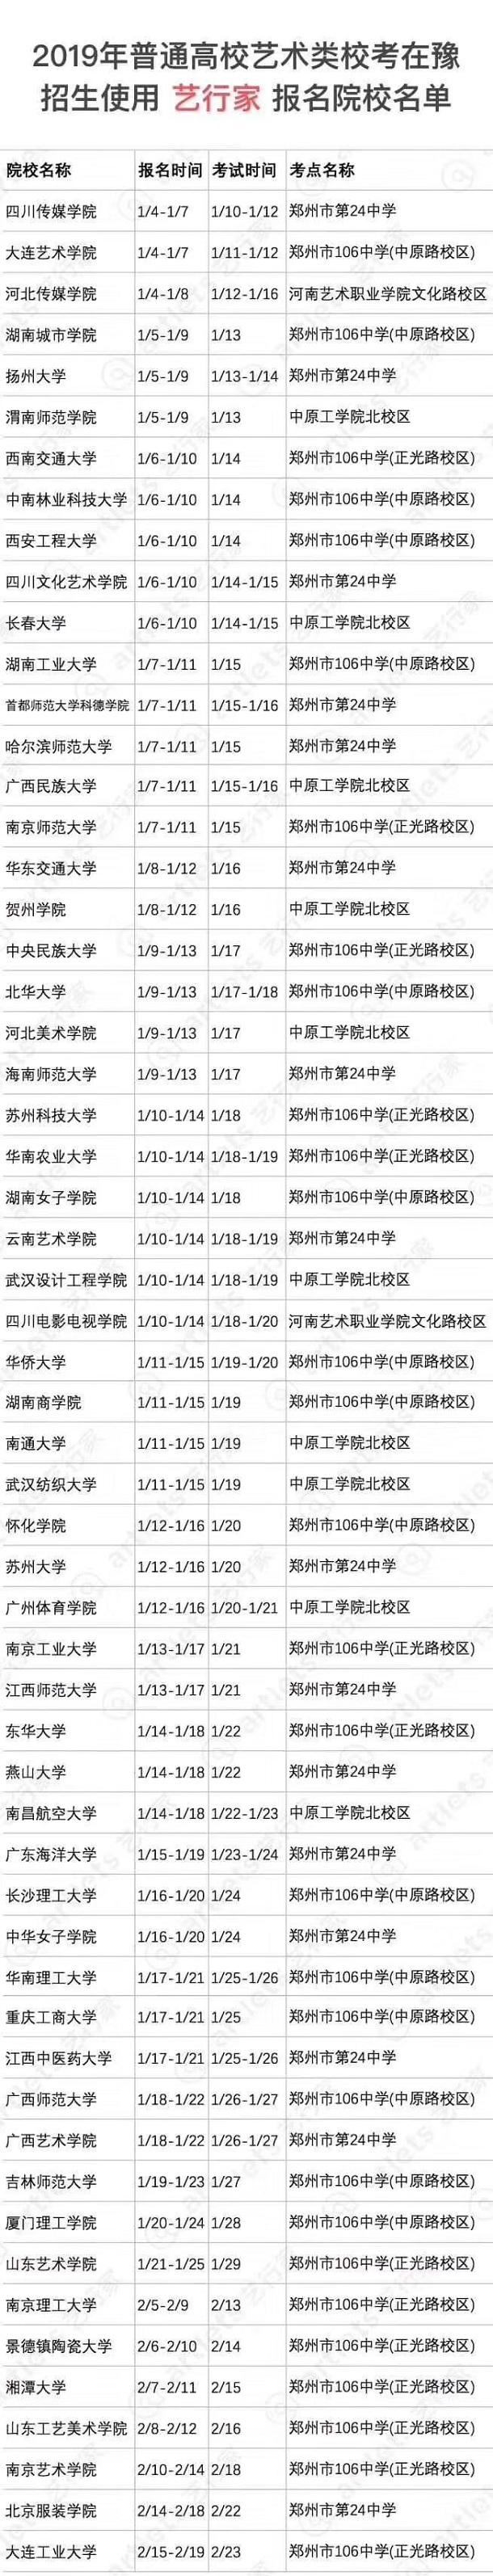 在河南使用校考成绩录取的院校名单